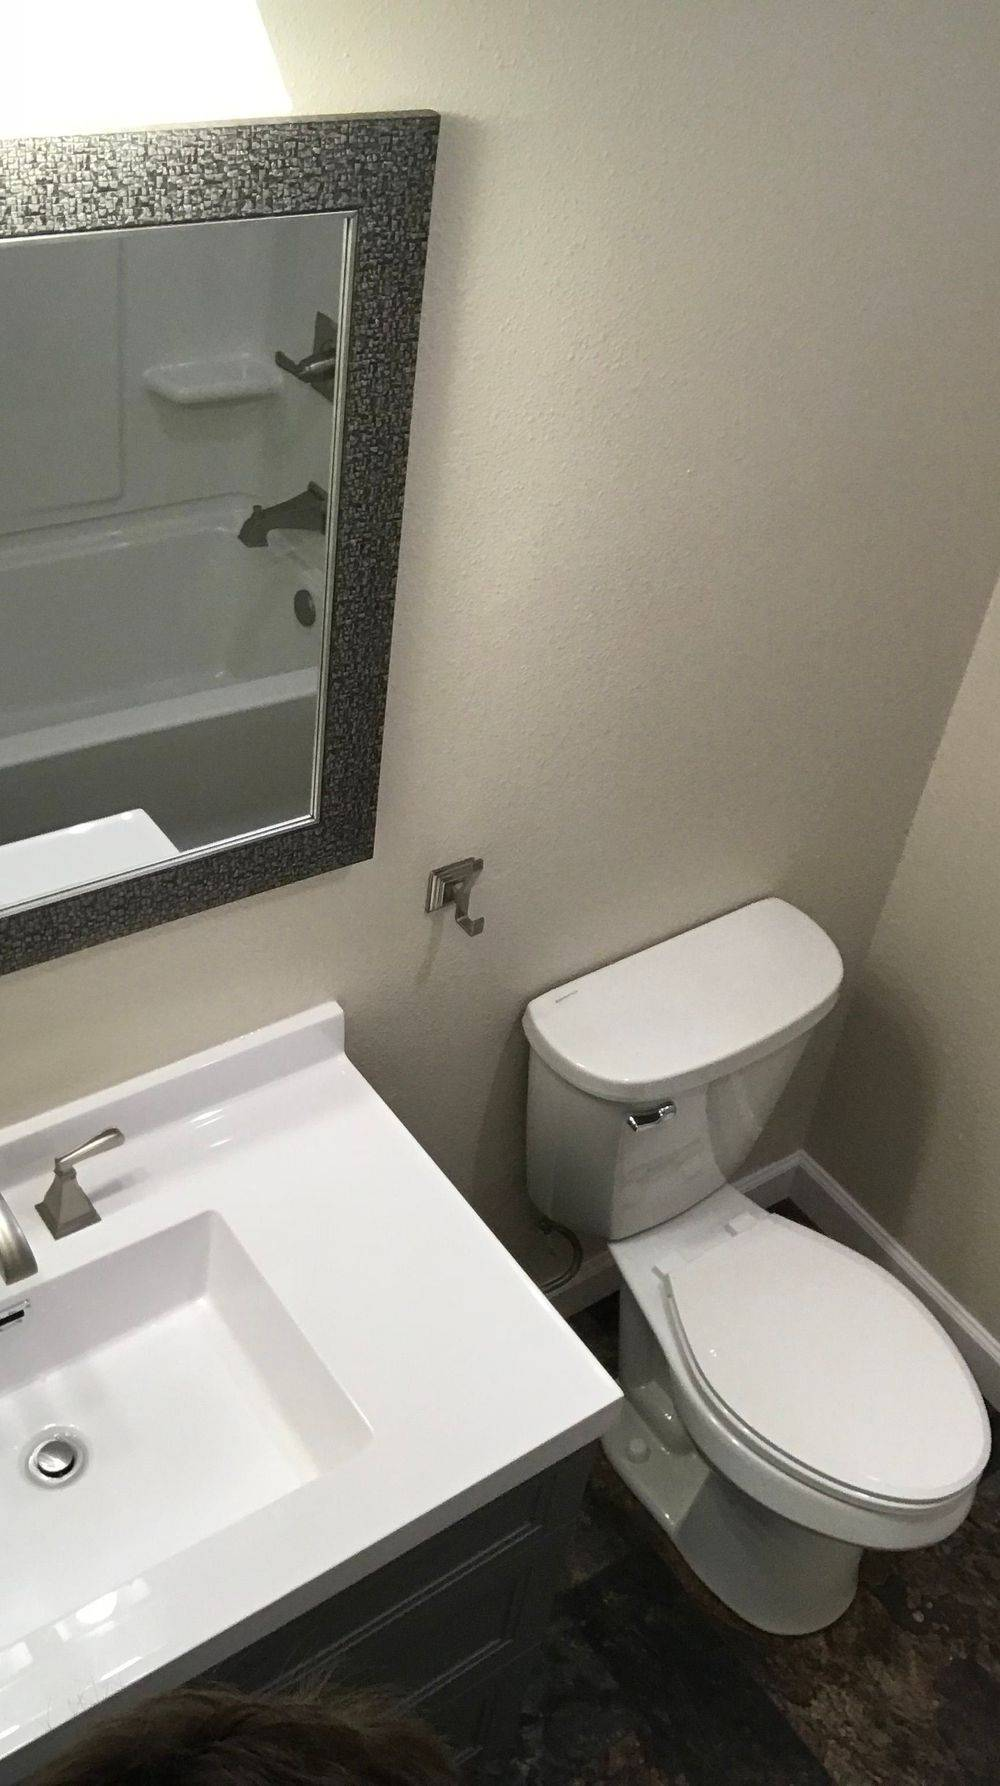 Toilet, vanity, mirror, towel hook